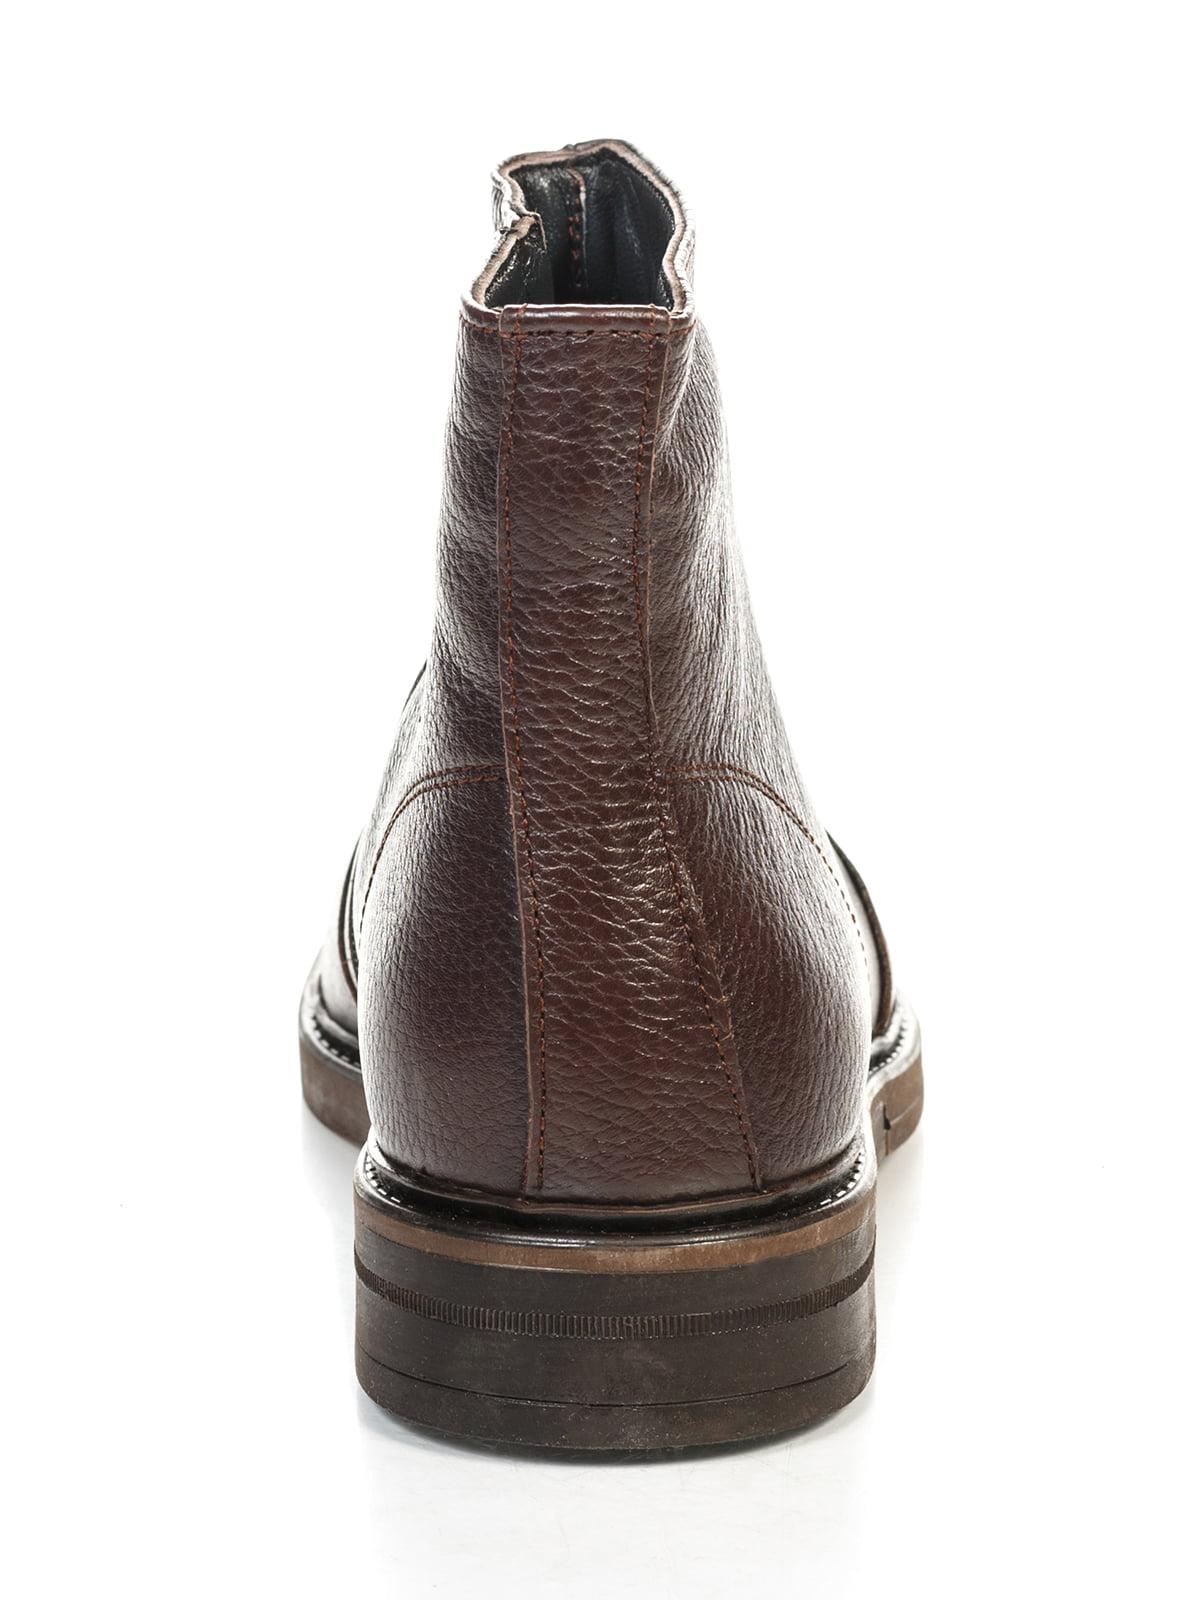 Ботинки коричневые | 4809486 | фото 5